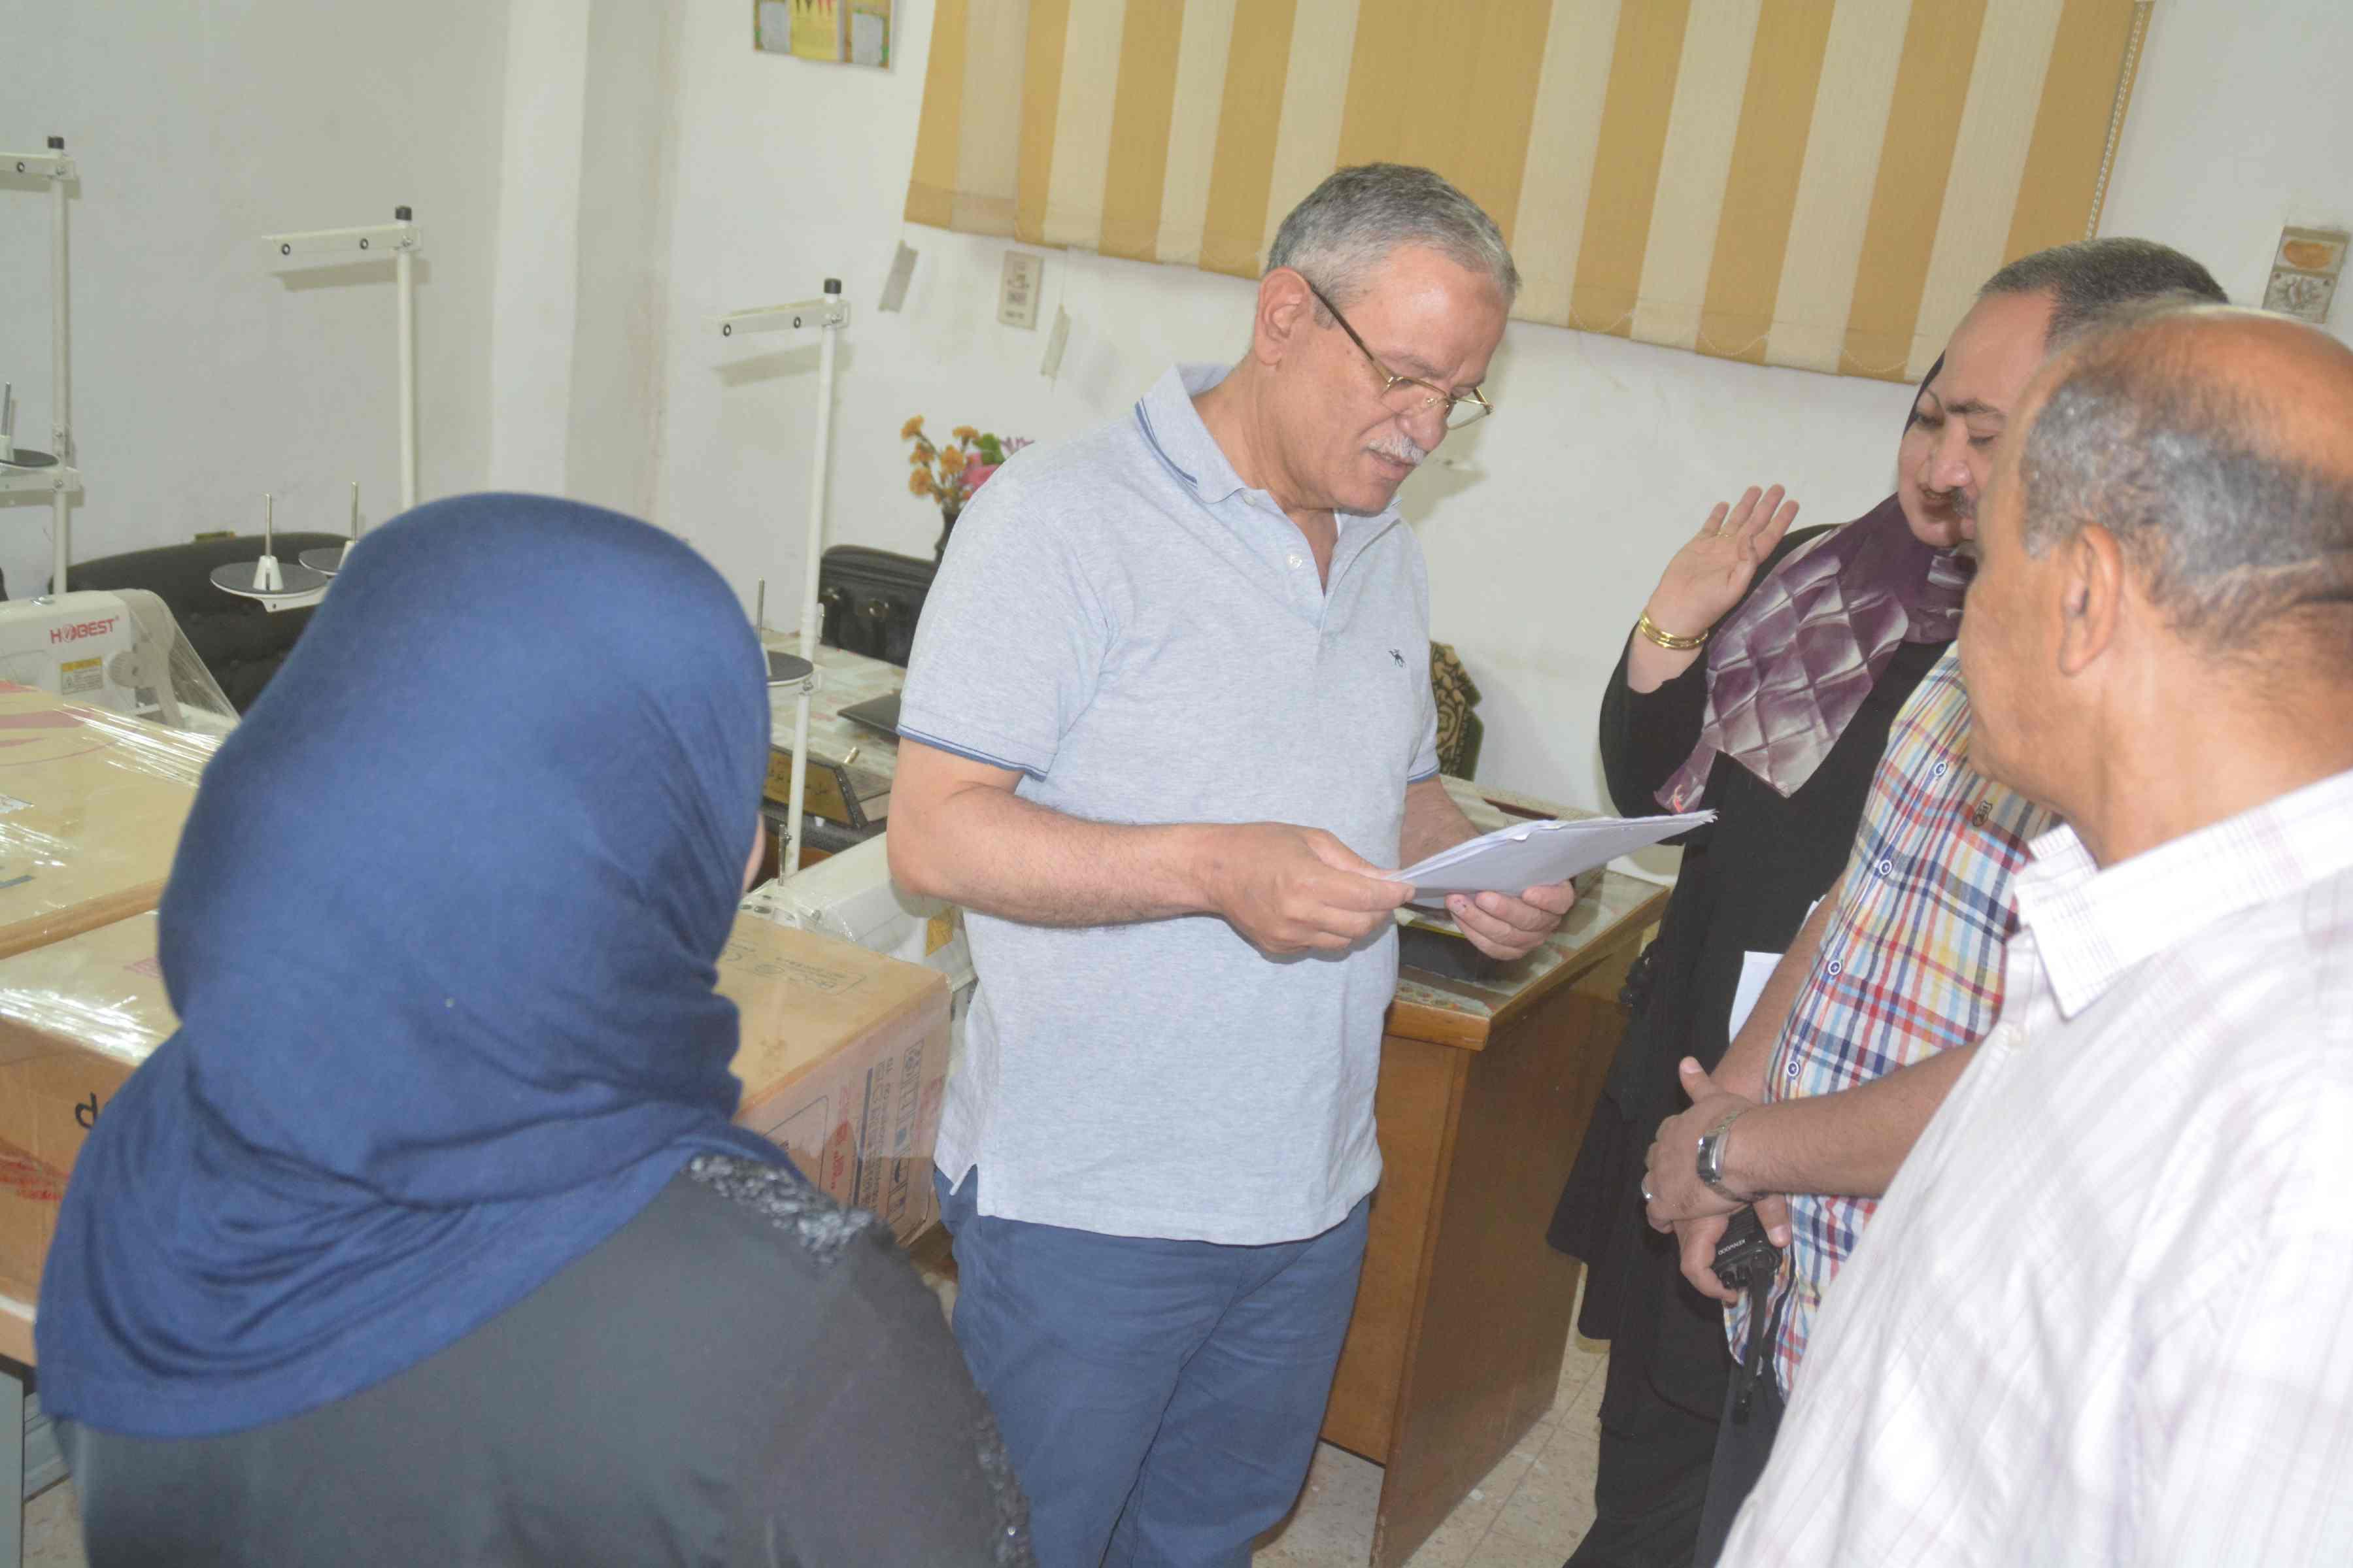 محافظ المنيا يسلم ماكينات خياطة وتجهيزات بقاله لسيدات معيلات  (1)